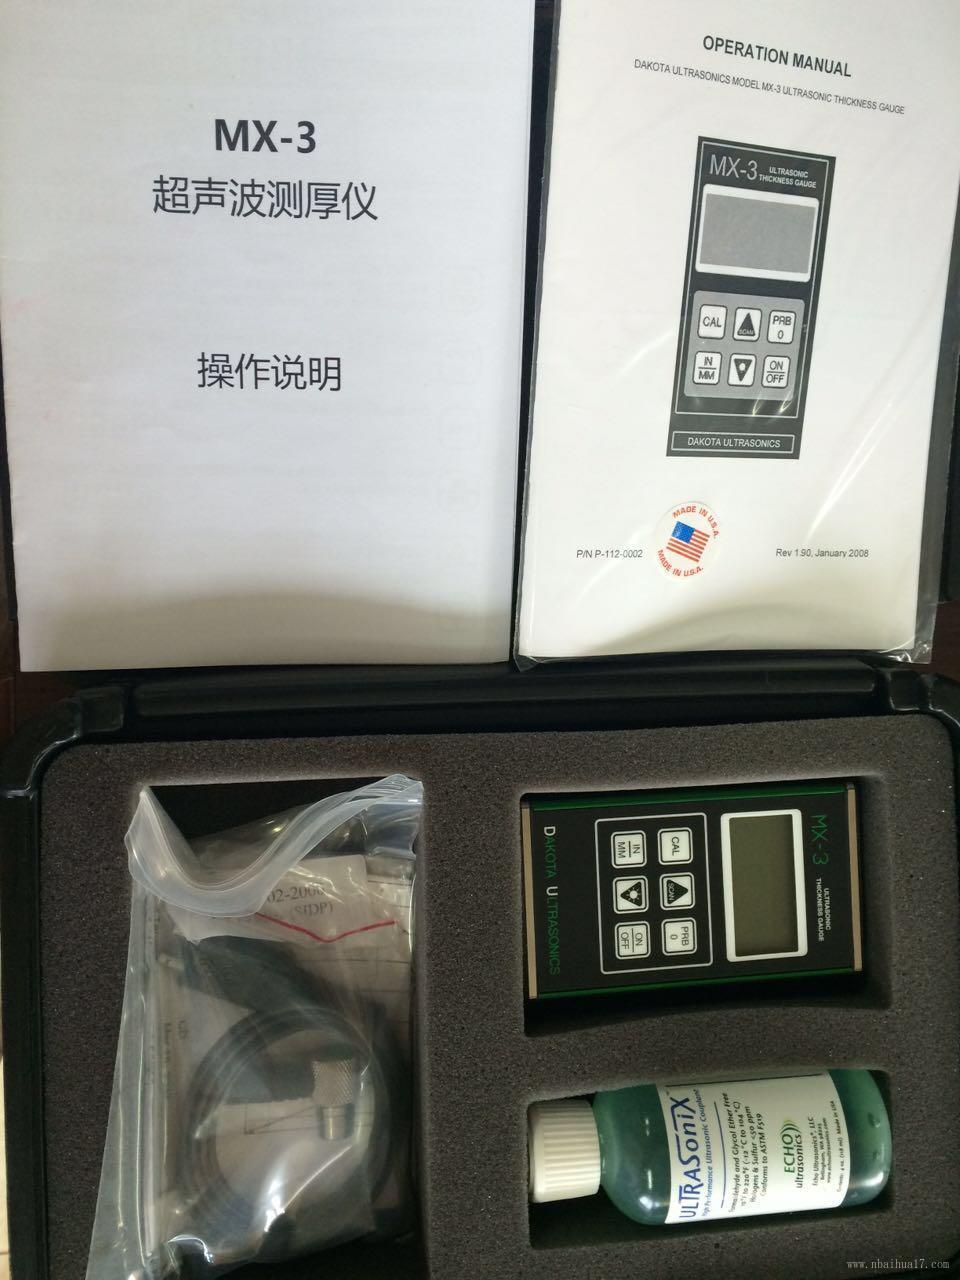 美国DAKOTA超声波测厚仪MX-3